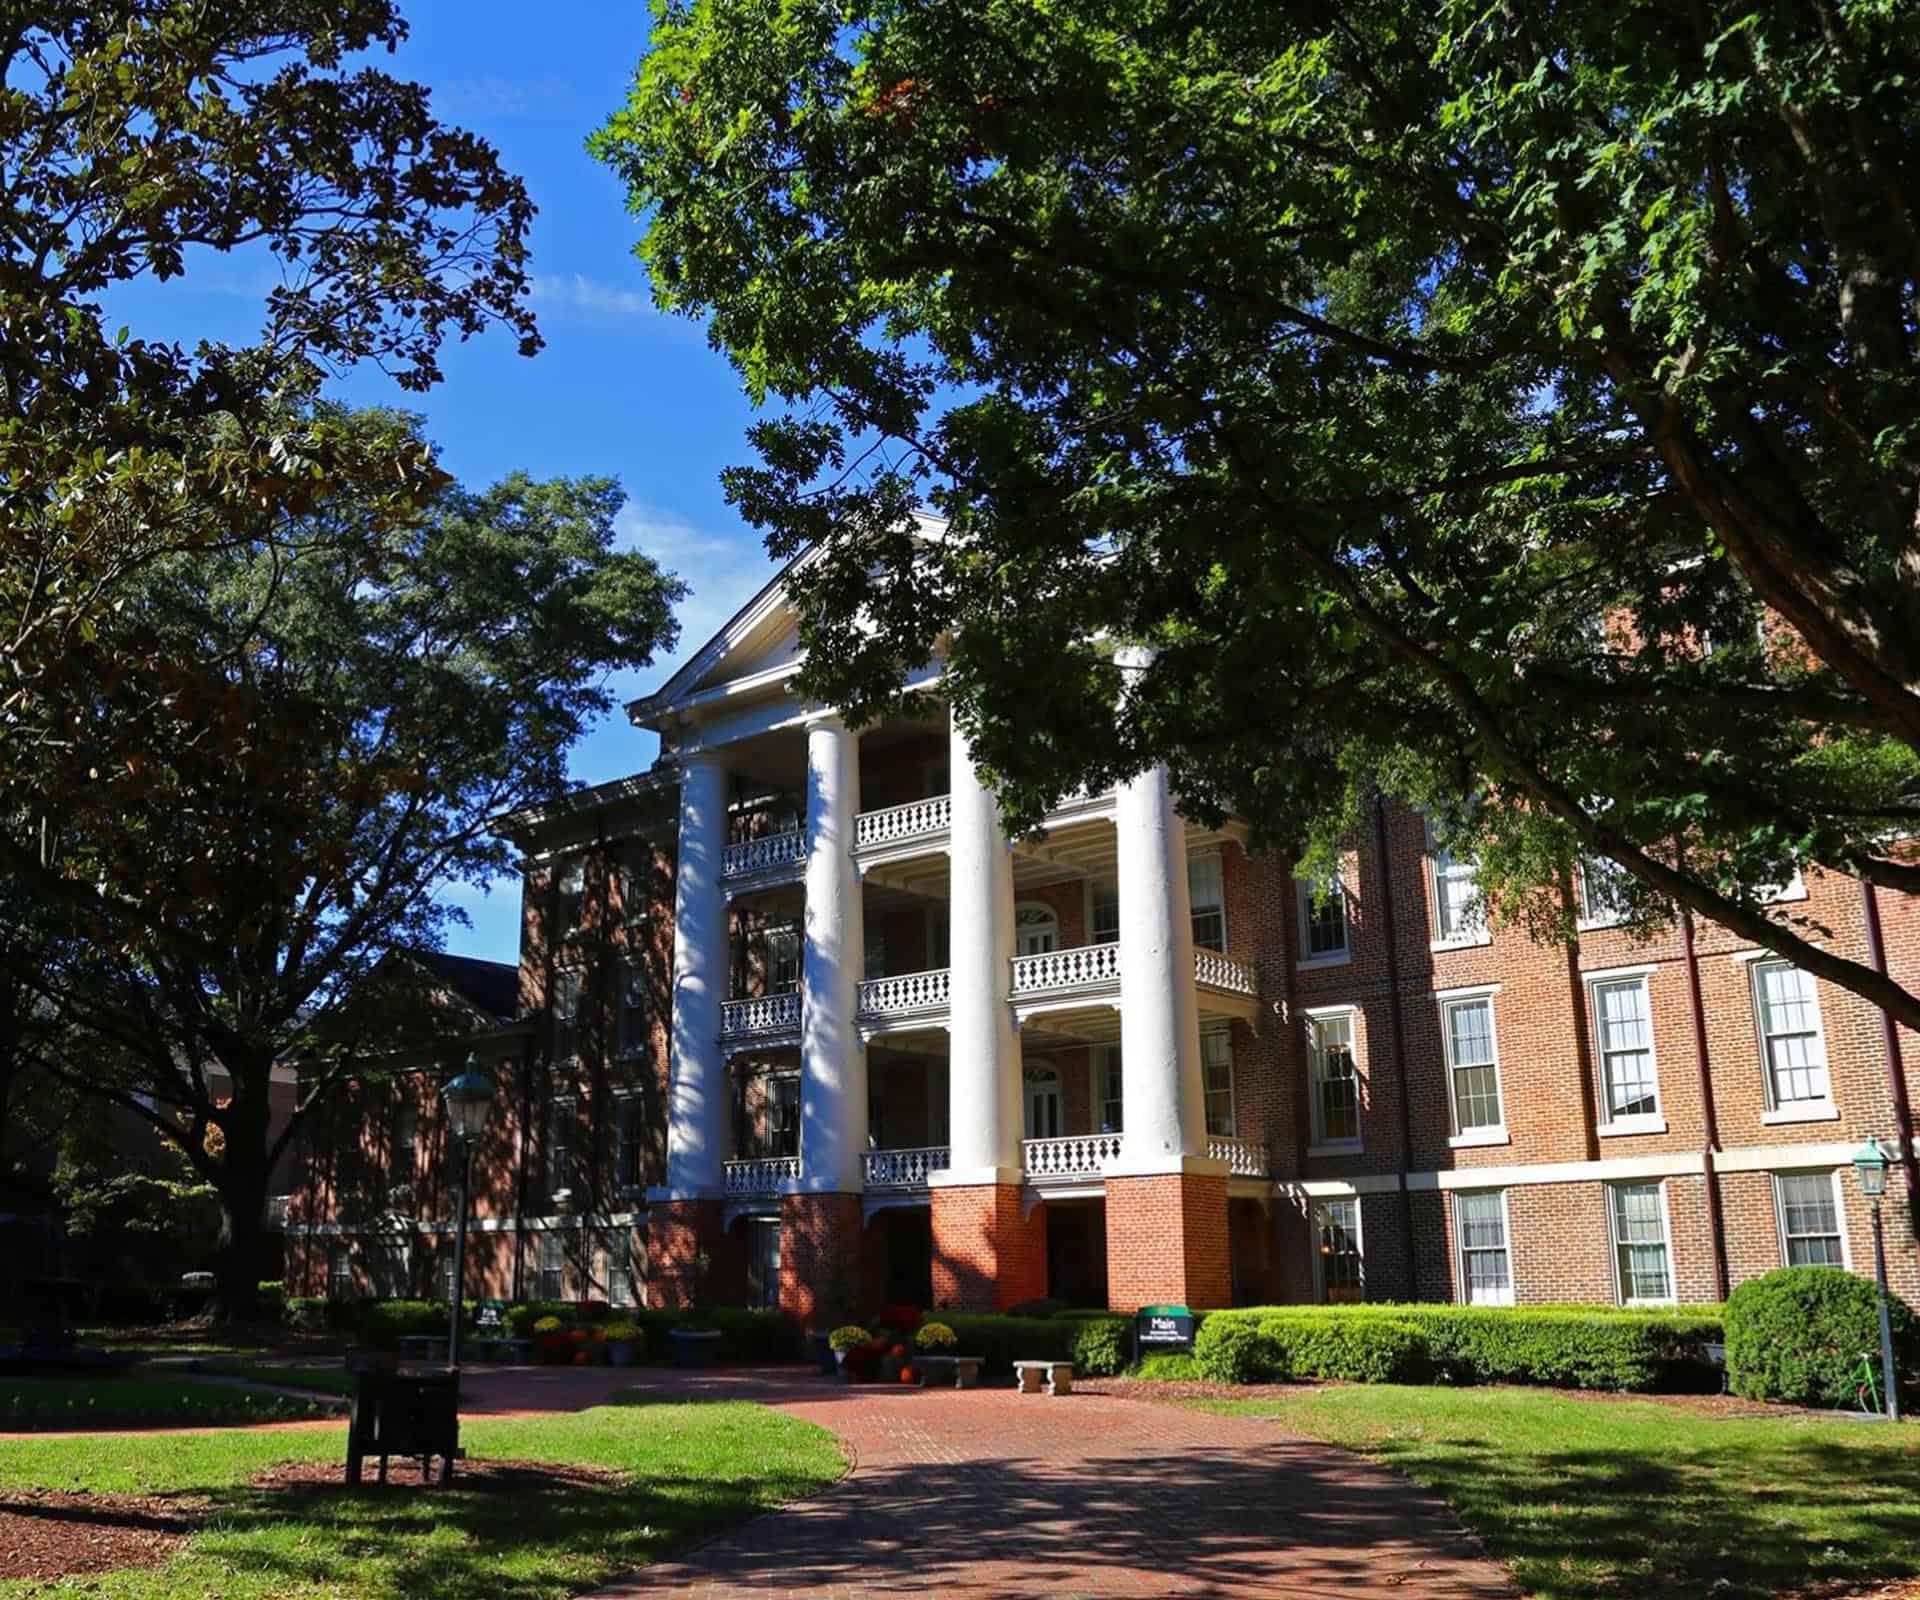 Main Building at WPU